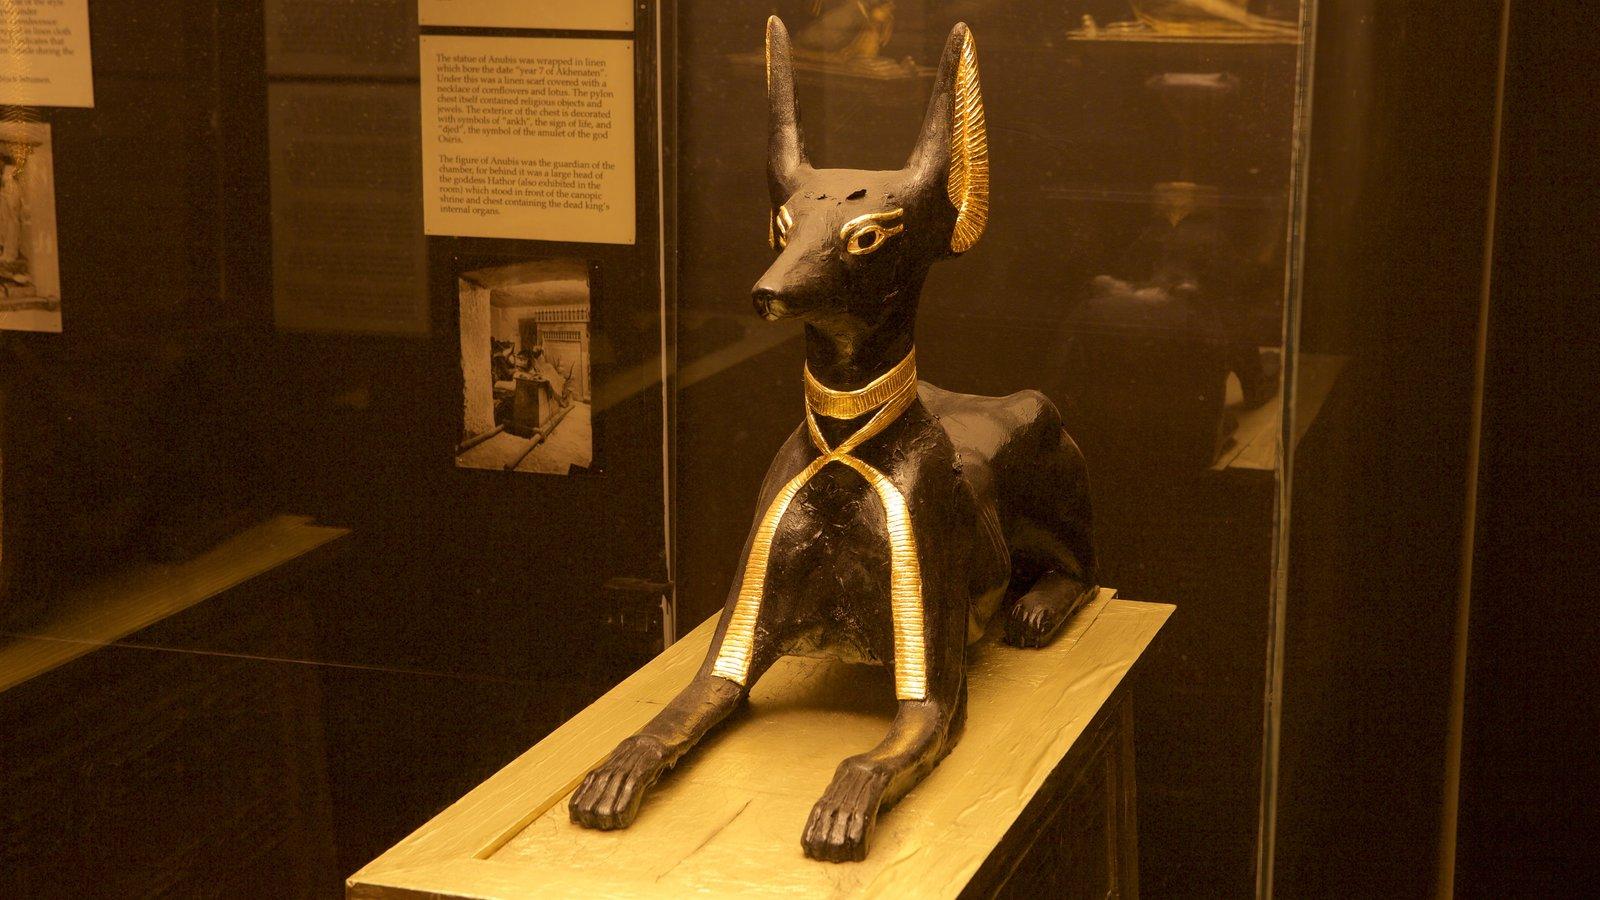 Tutankamon a exposição que inclui elementos de patrimônio e uma estátua ou escultura